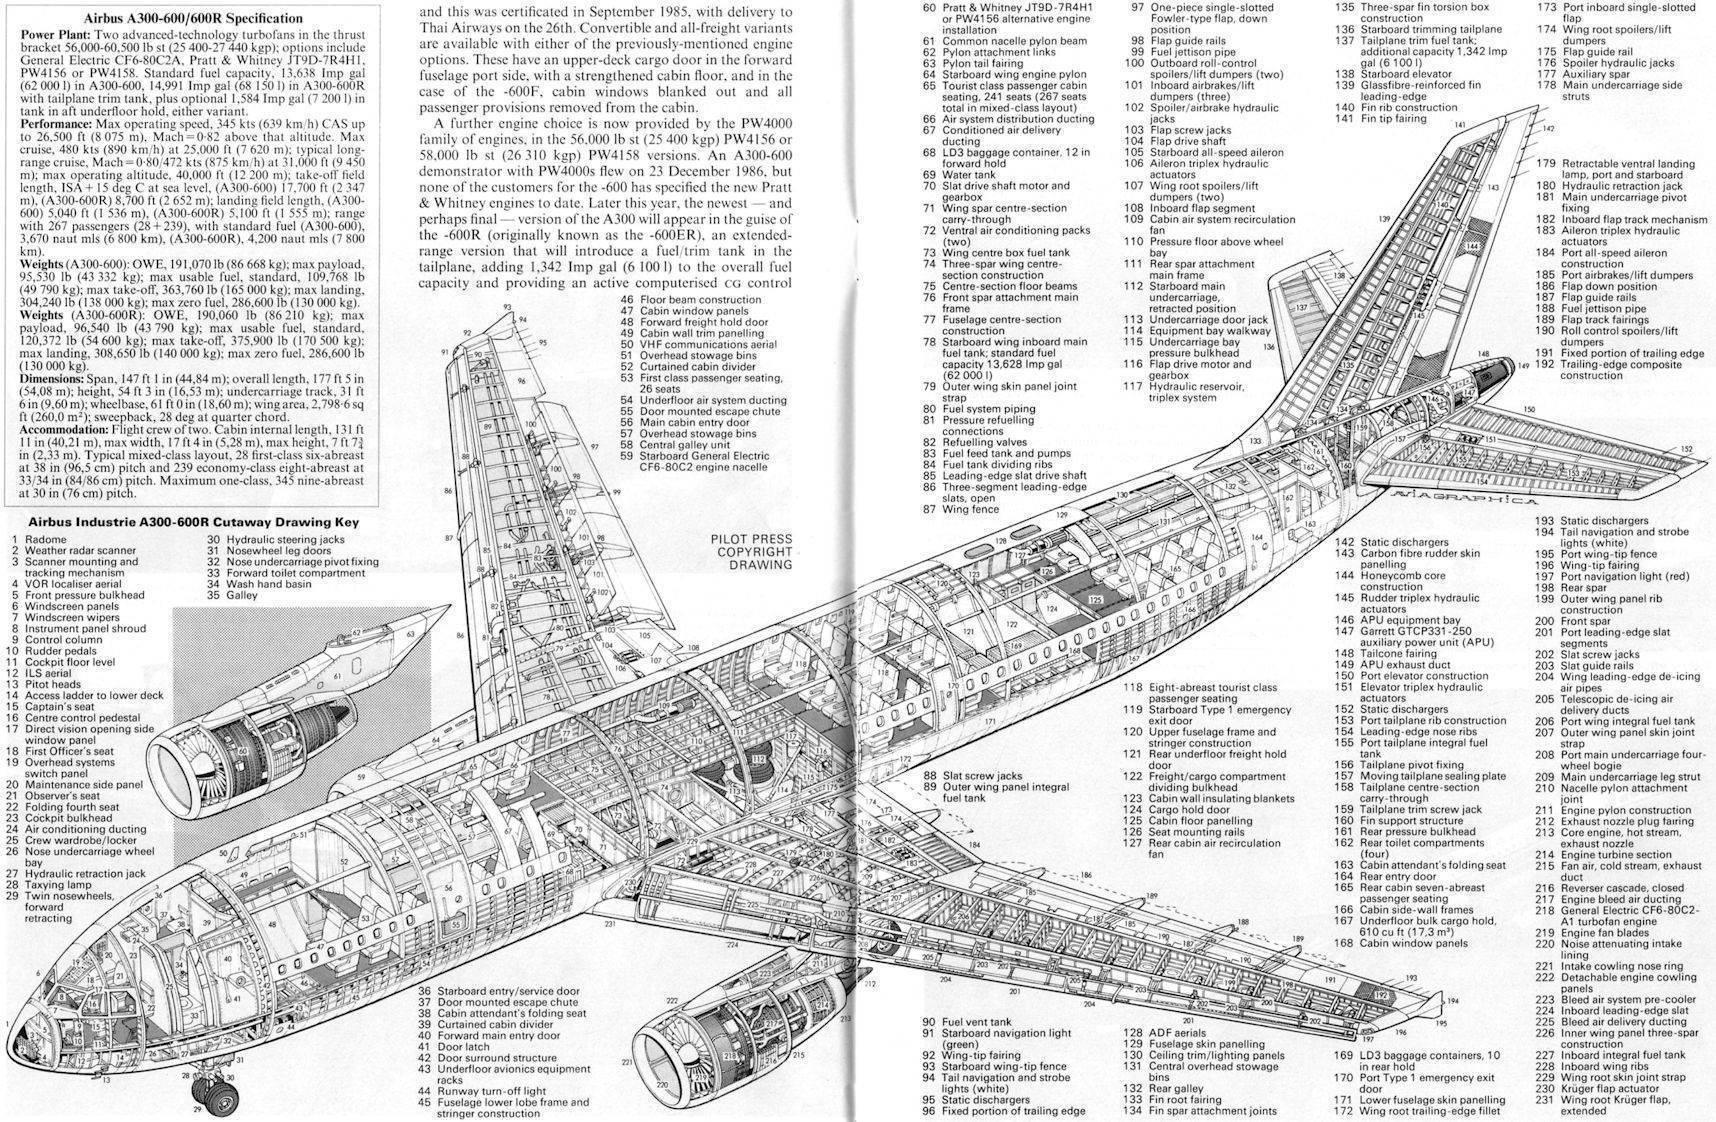 Перед крушением airbus-330 командир успел развлечься со стюардессой // нтв.ru